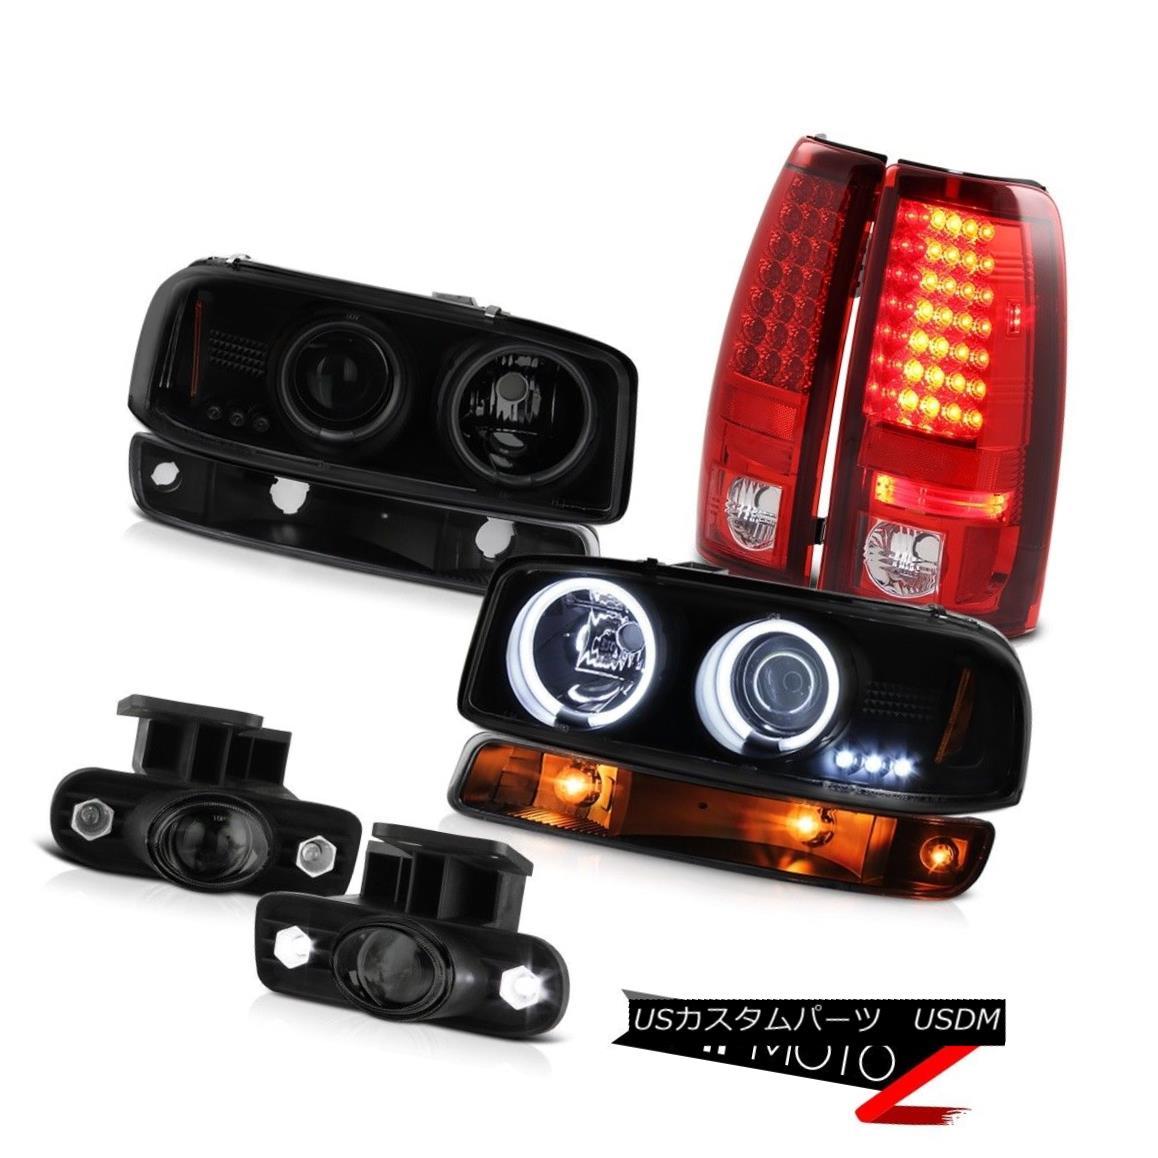 テールライト 99-02 GMC Sierra Fog lights led tail inky black signal light ccfl Headlamps LED 99-02 GMCシエラフォグライトは、テールインキーブラック信号ライトccflヘッドライトLEDをled